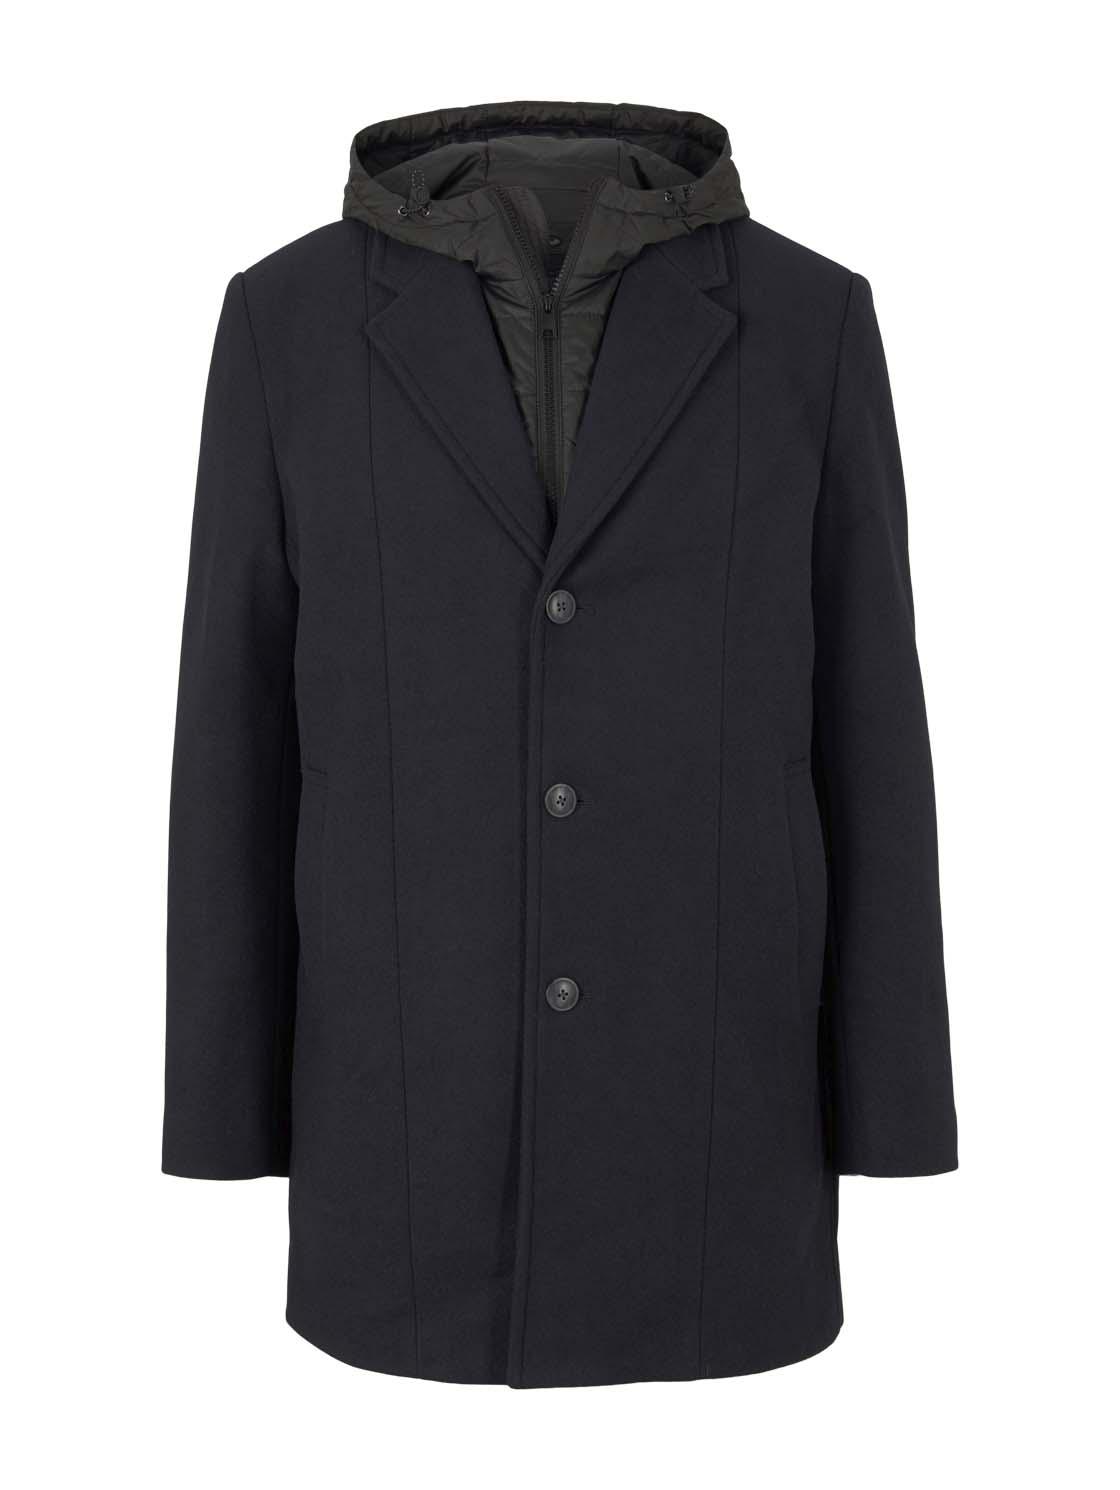 TOM TAILOR DENIM Herren Mantel mit Jacke, blau, Gr.S günstig online kaufen